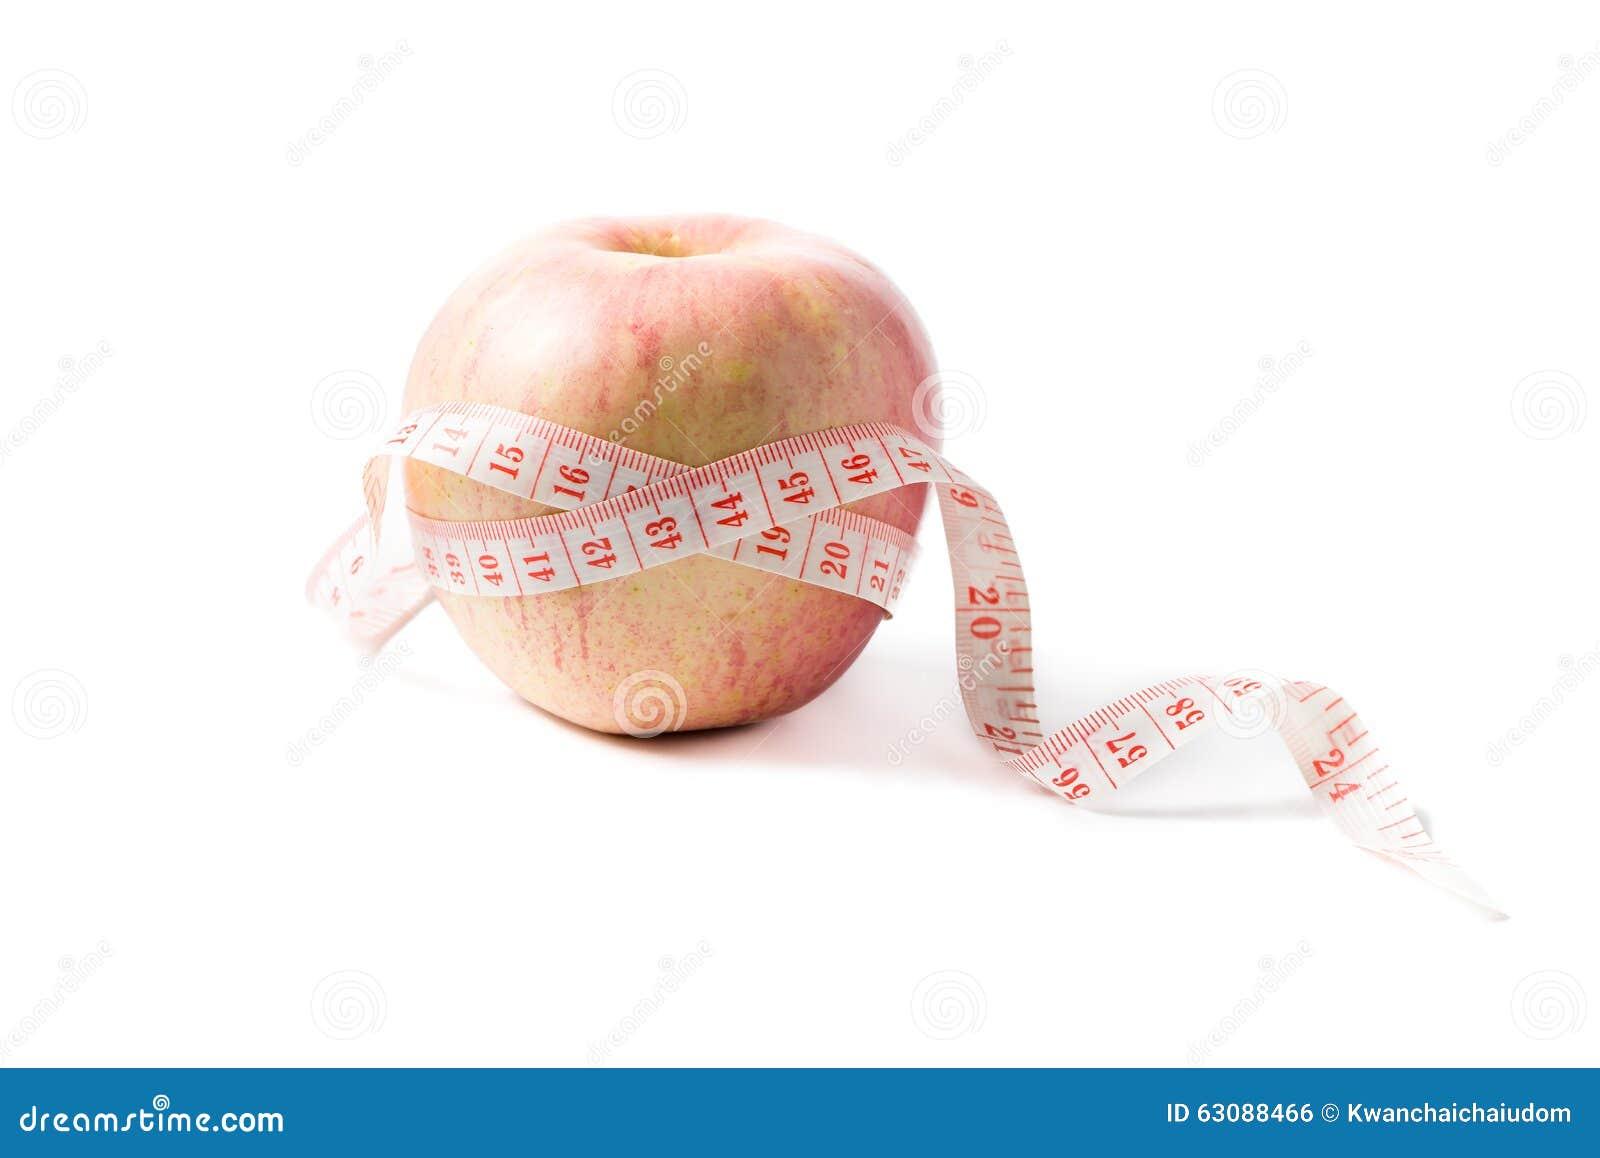 Download Bande De Mesure Enroulée Autour De La Pomme Comme Symbole De Régime Photo stock - Image du bande, centimètre: 63088466